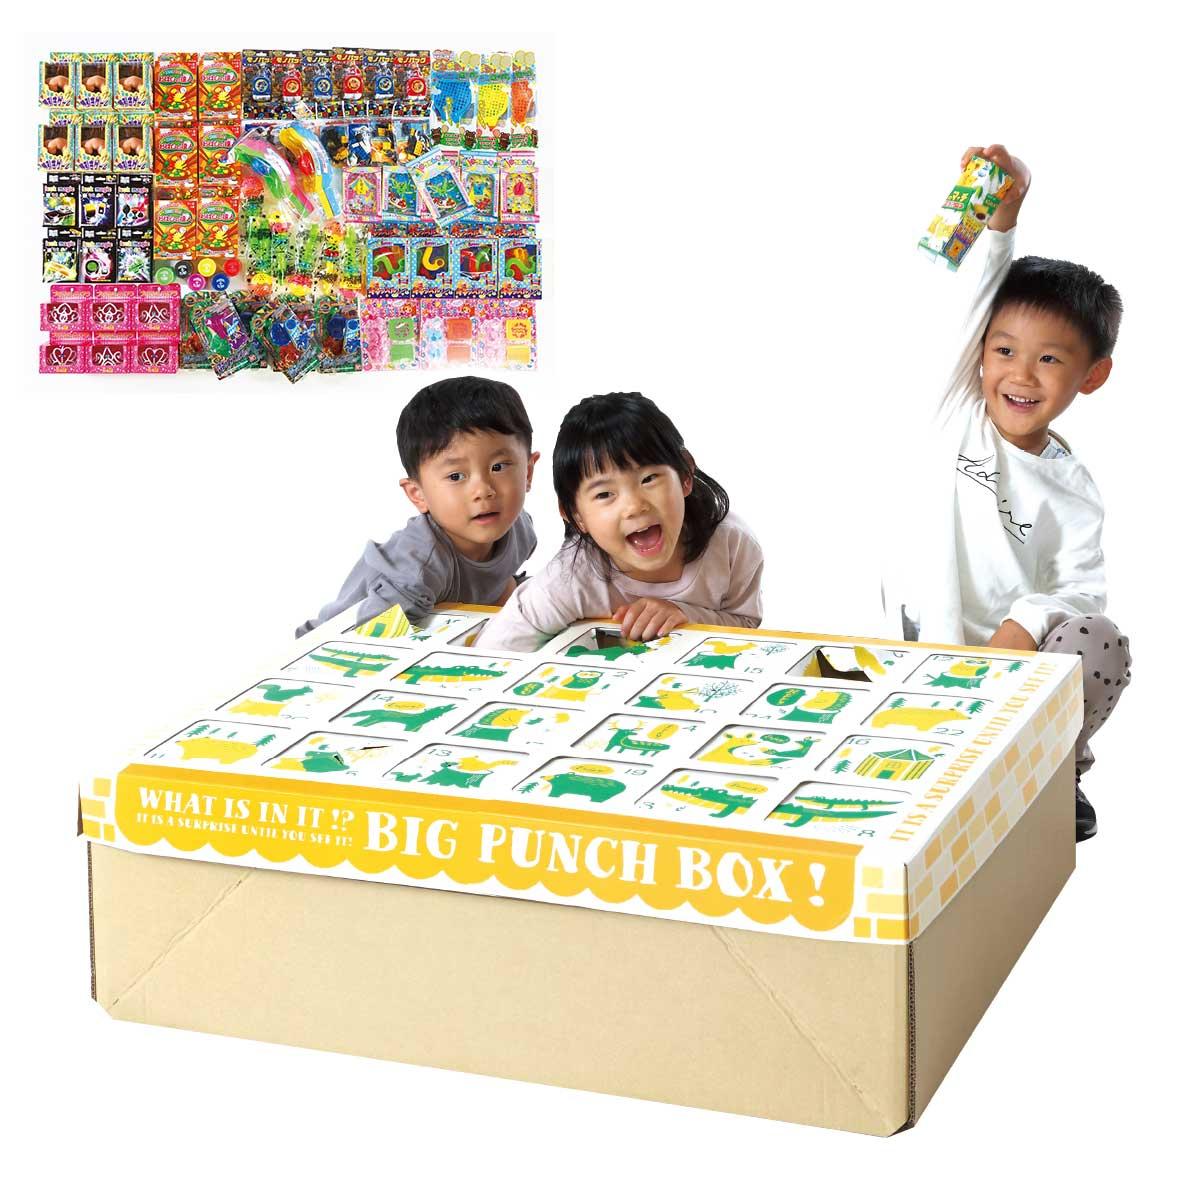 縁日 景品 【ジャンボラッキーパンチBOX本体とおもちゃ景品セット(取寄品)】 縁日セット 夏祭り 景品 夏祭り おもちゃ